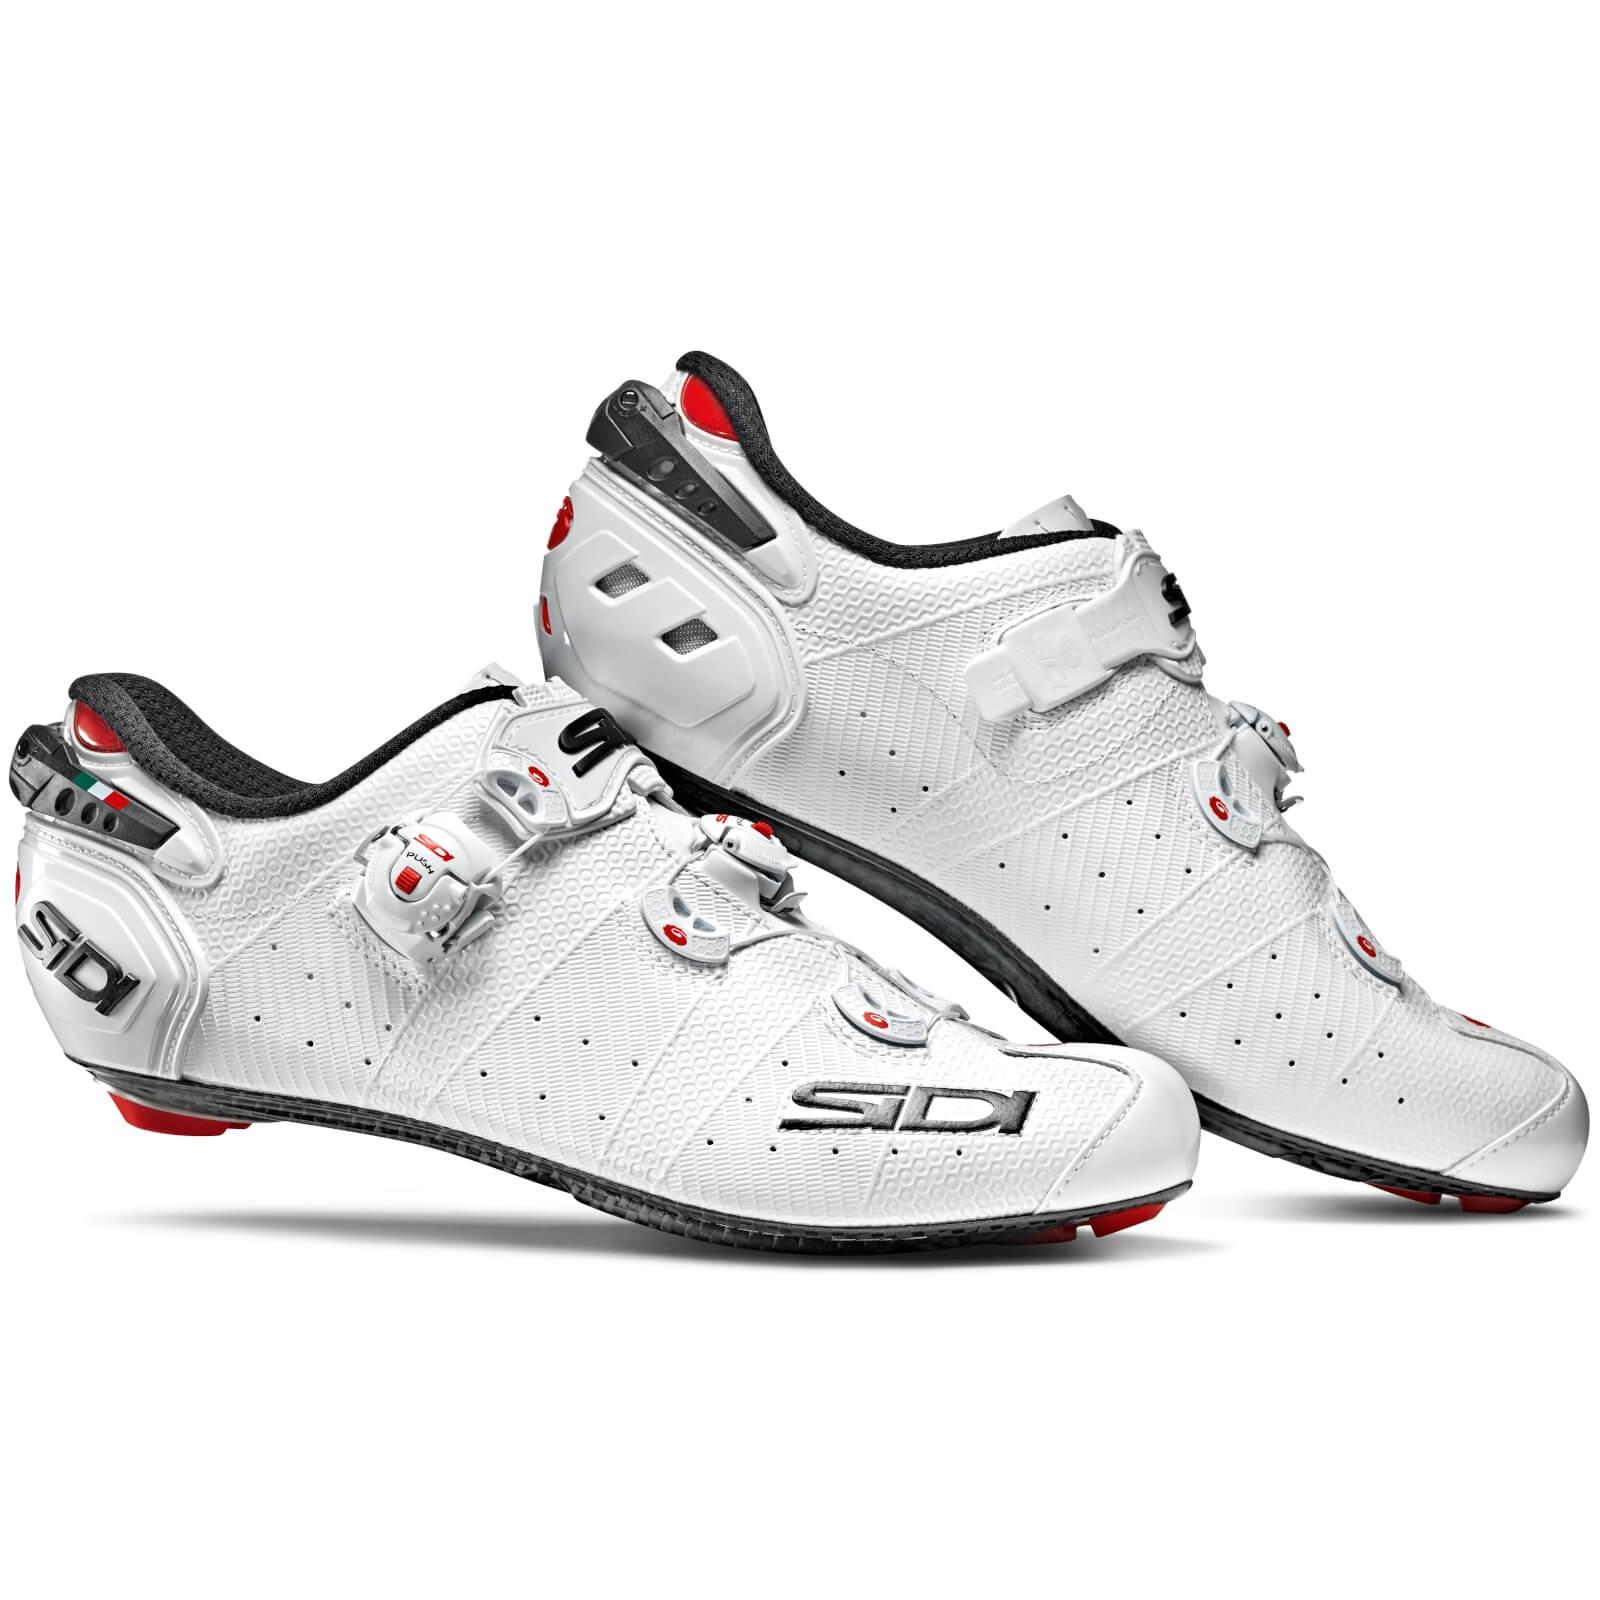 Sidi Wire 2 Carbon Road Shoes - White/White - EU 45 - White/White